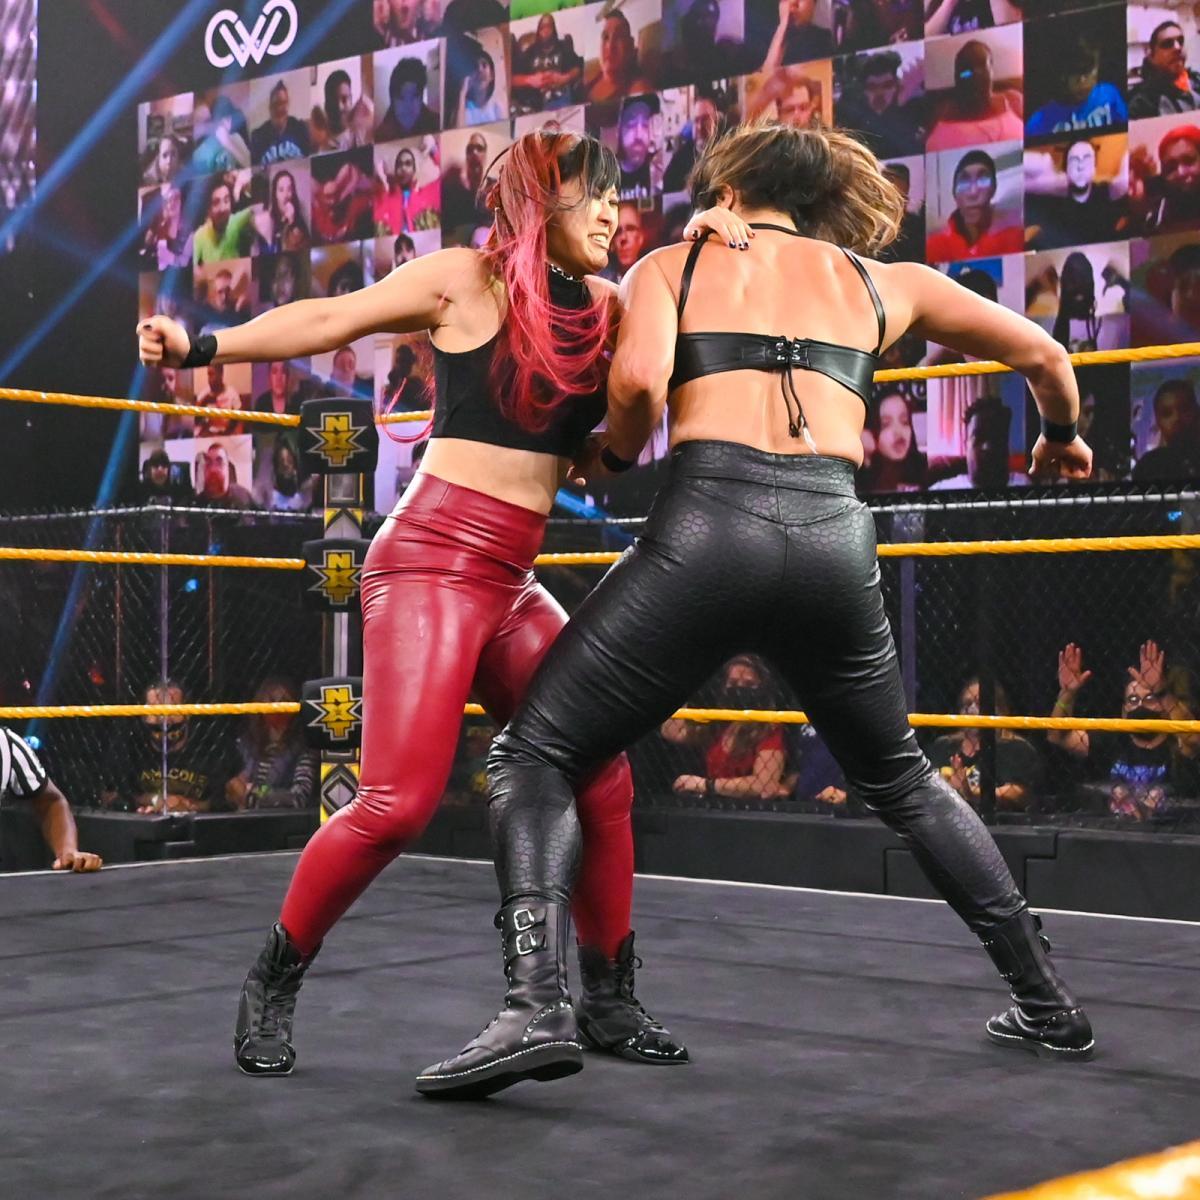 ラケル・ゴンザレス(右)とリング上で乱闘するNXT女子王者紫雷イオ(C)2021 WWE, Inc. All Rights Reserved.